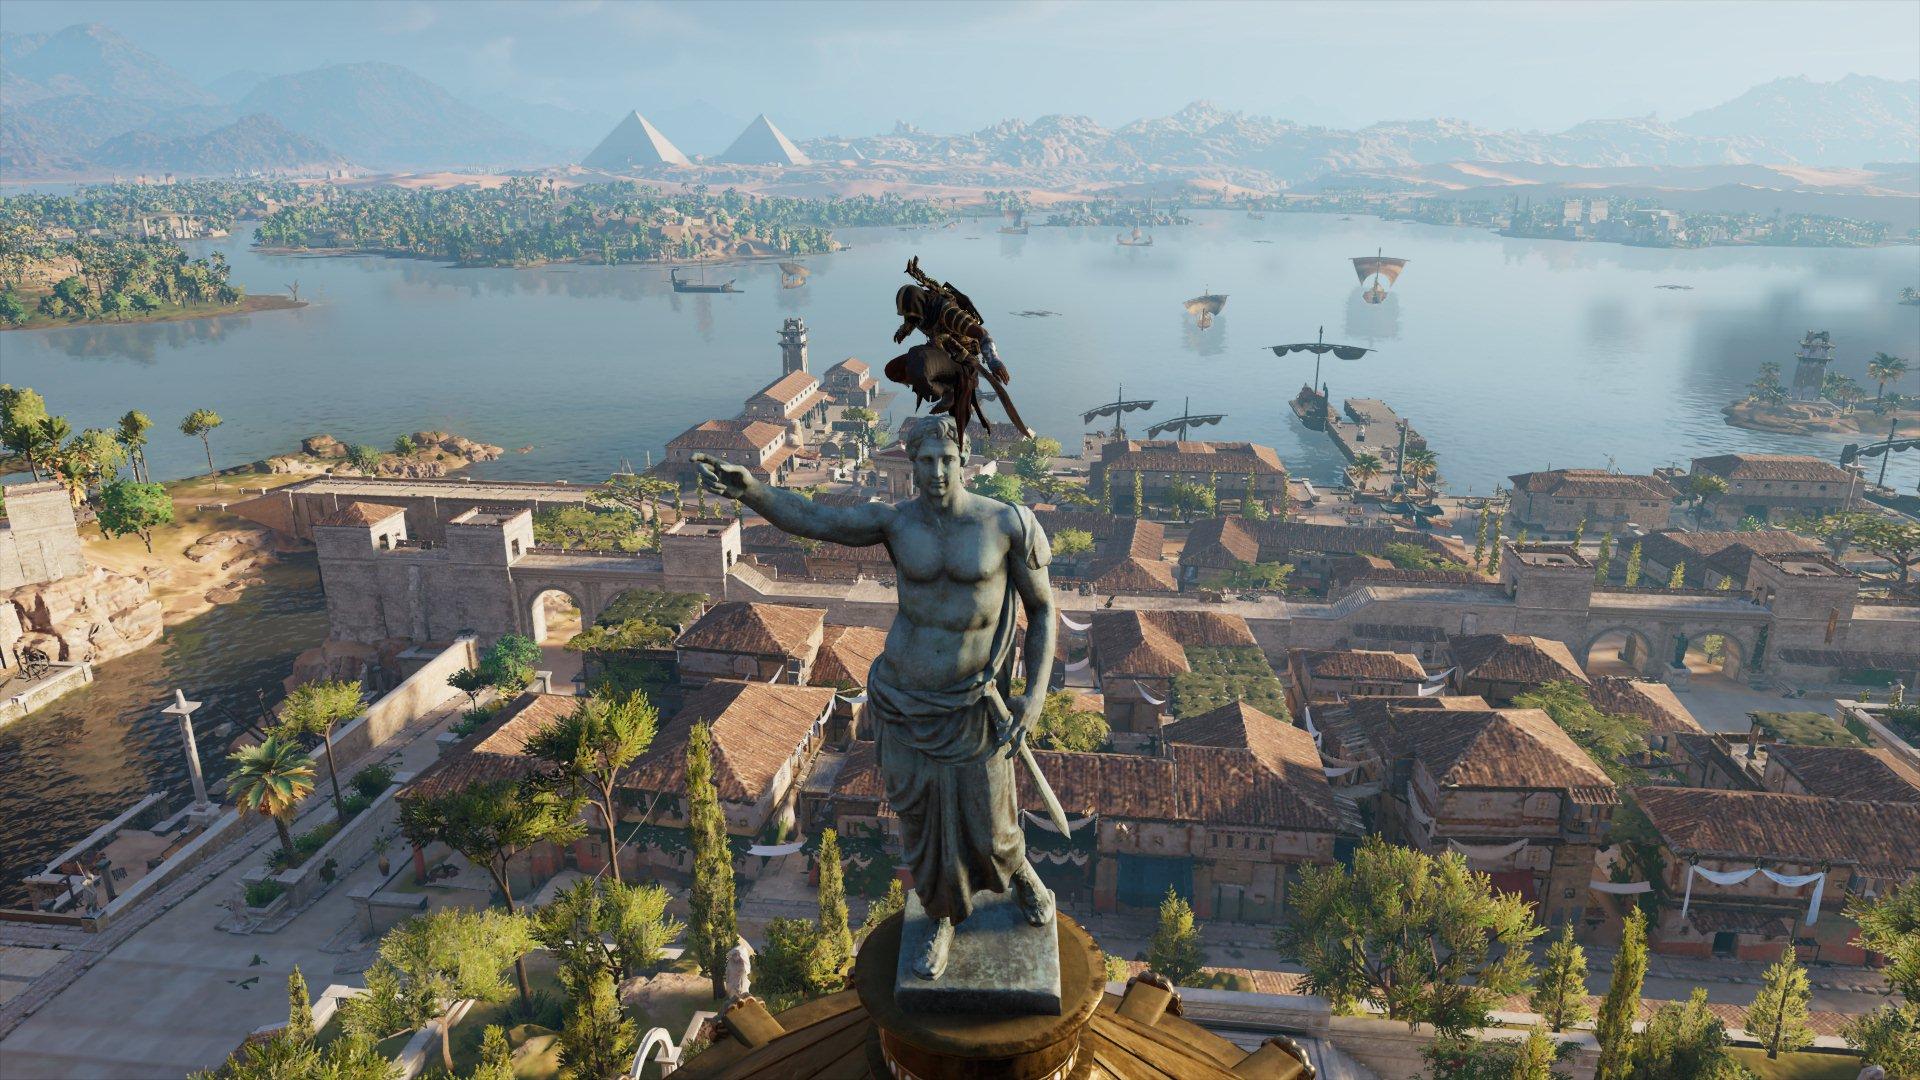 20180211194630.jpg - Assassin's Creed: Origins